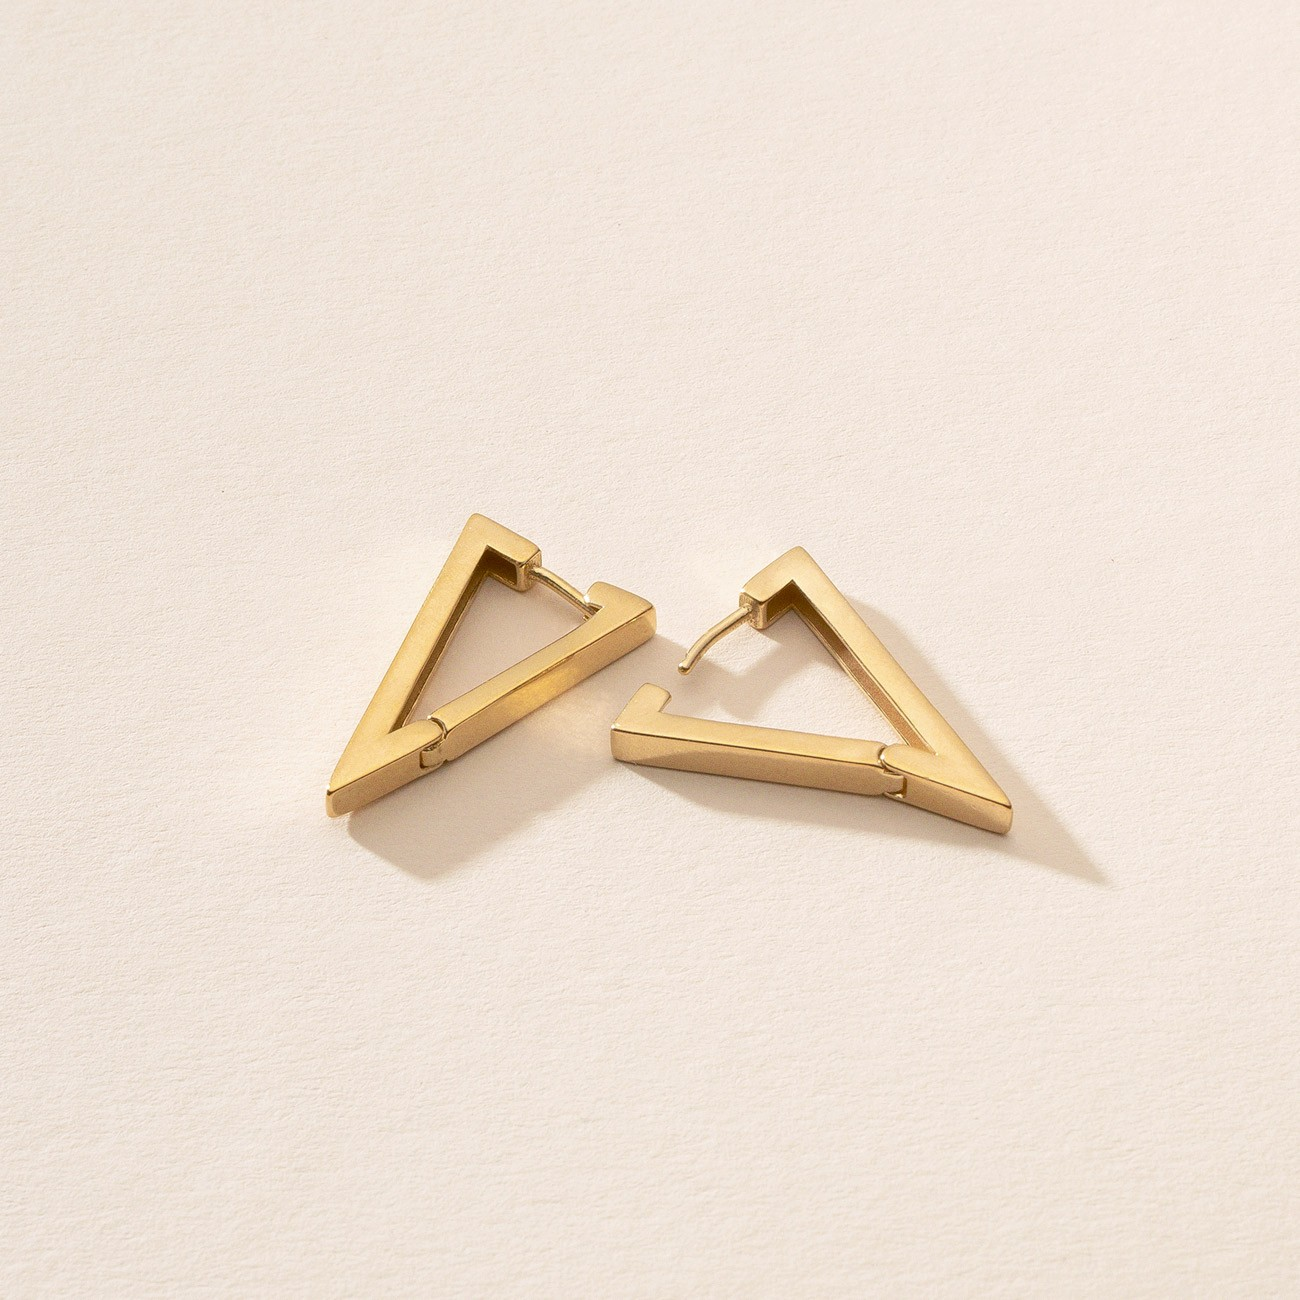 Kolczyki geometryczne trójkąty - duże, srebro 925